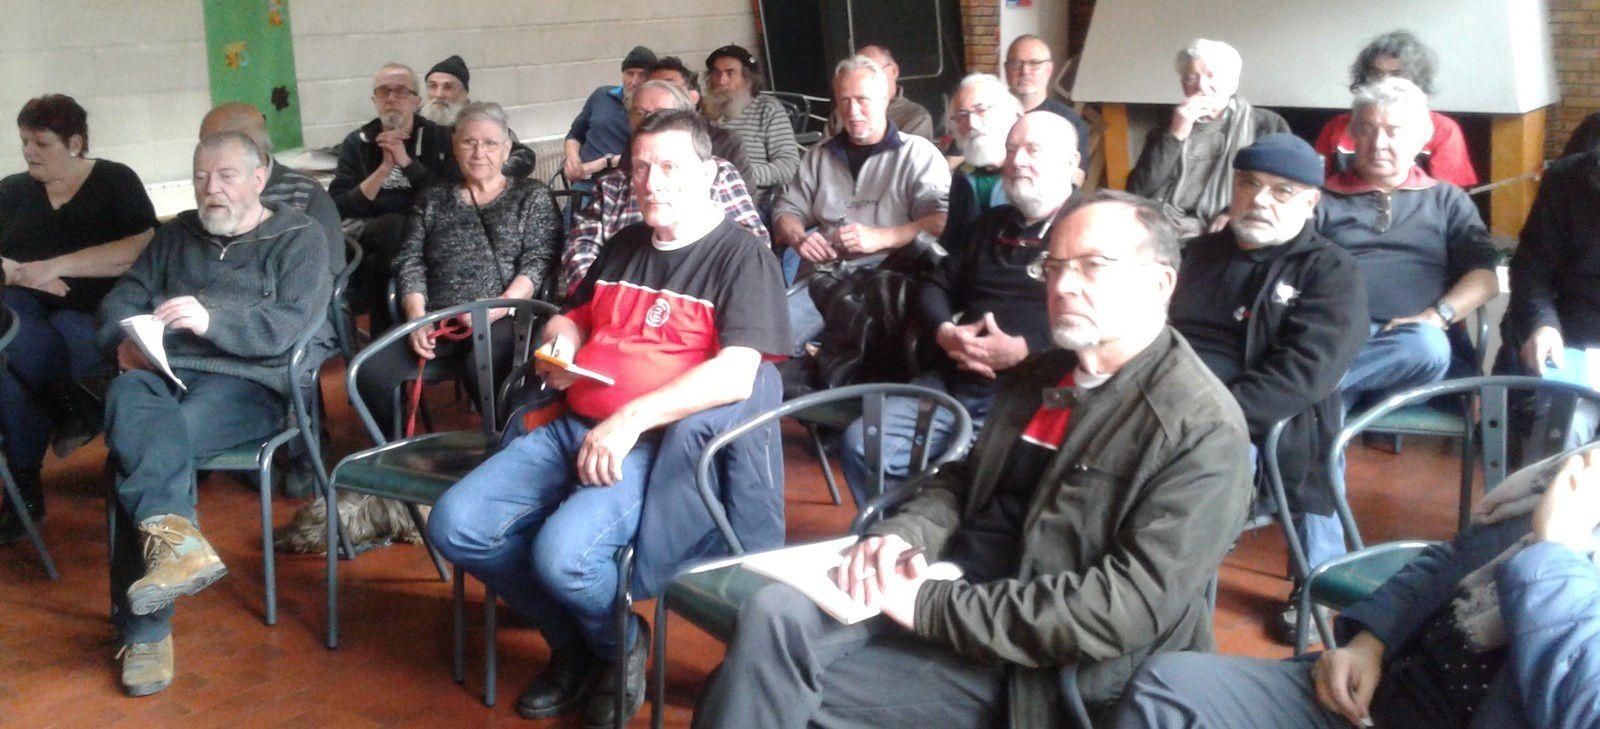 42 membres présents pour 54 votants (avec les procurations).